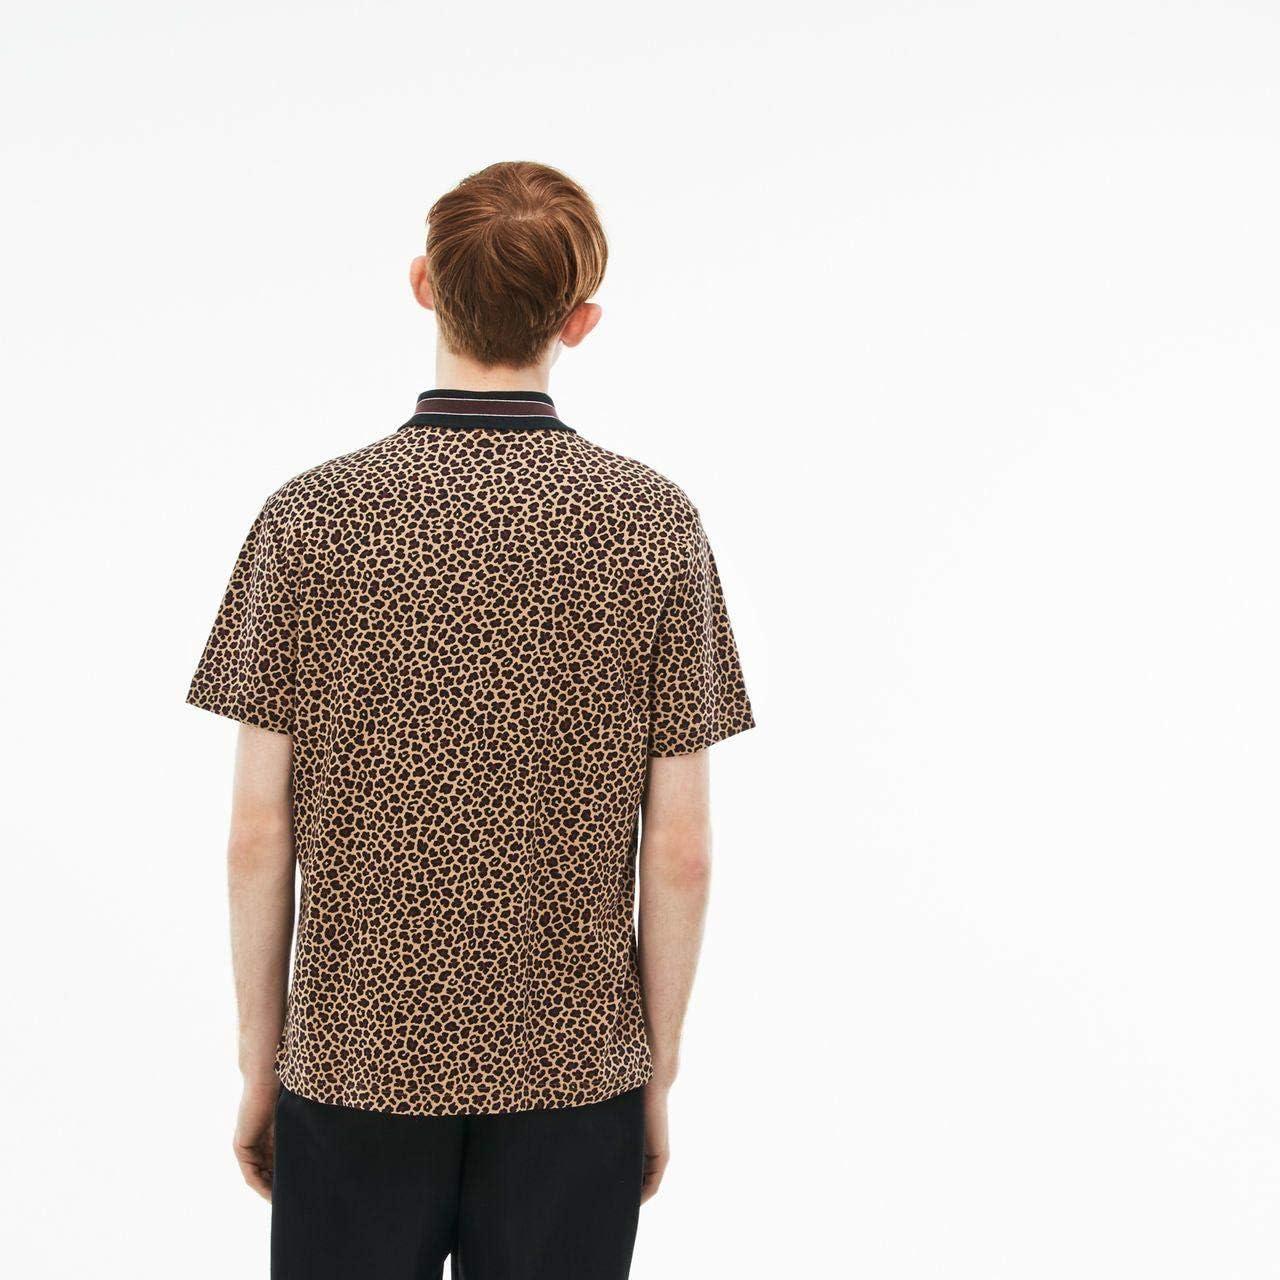 Polo LACOSTE L!VE Men S/S Polo Hombre Leopardo L: Amazon.es ...